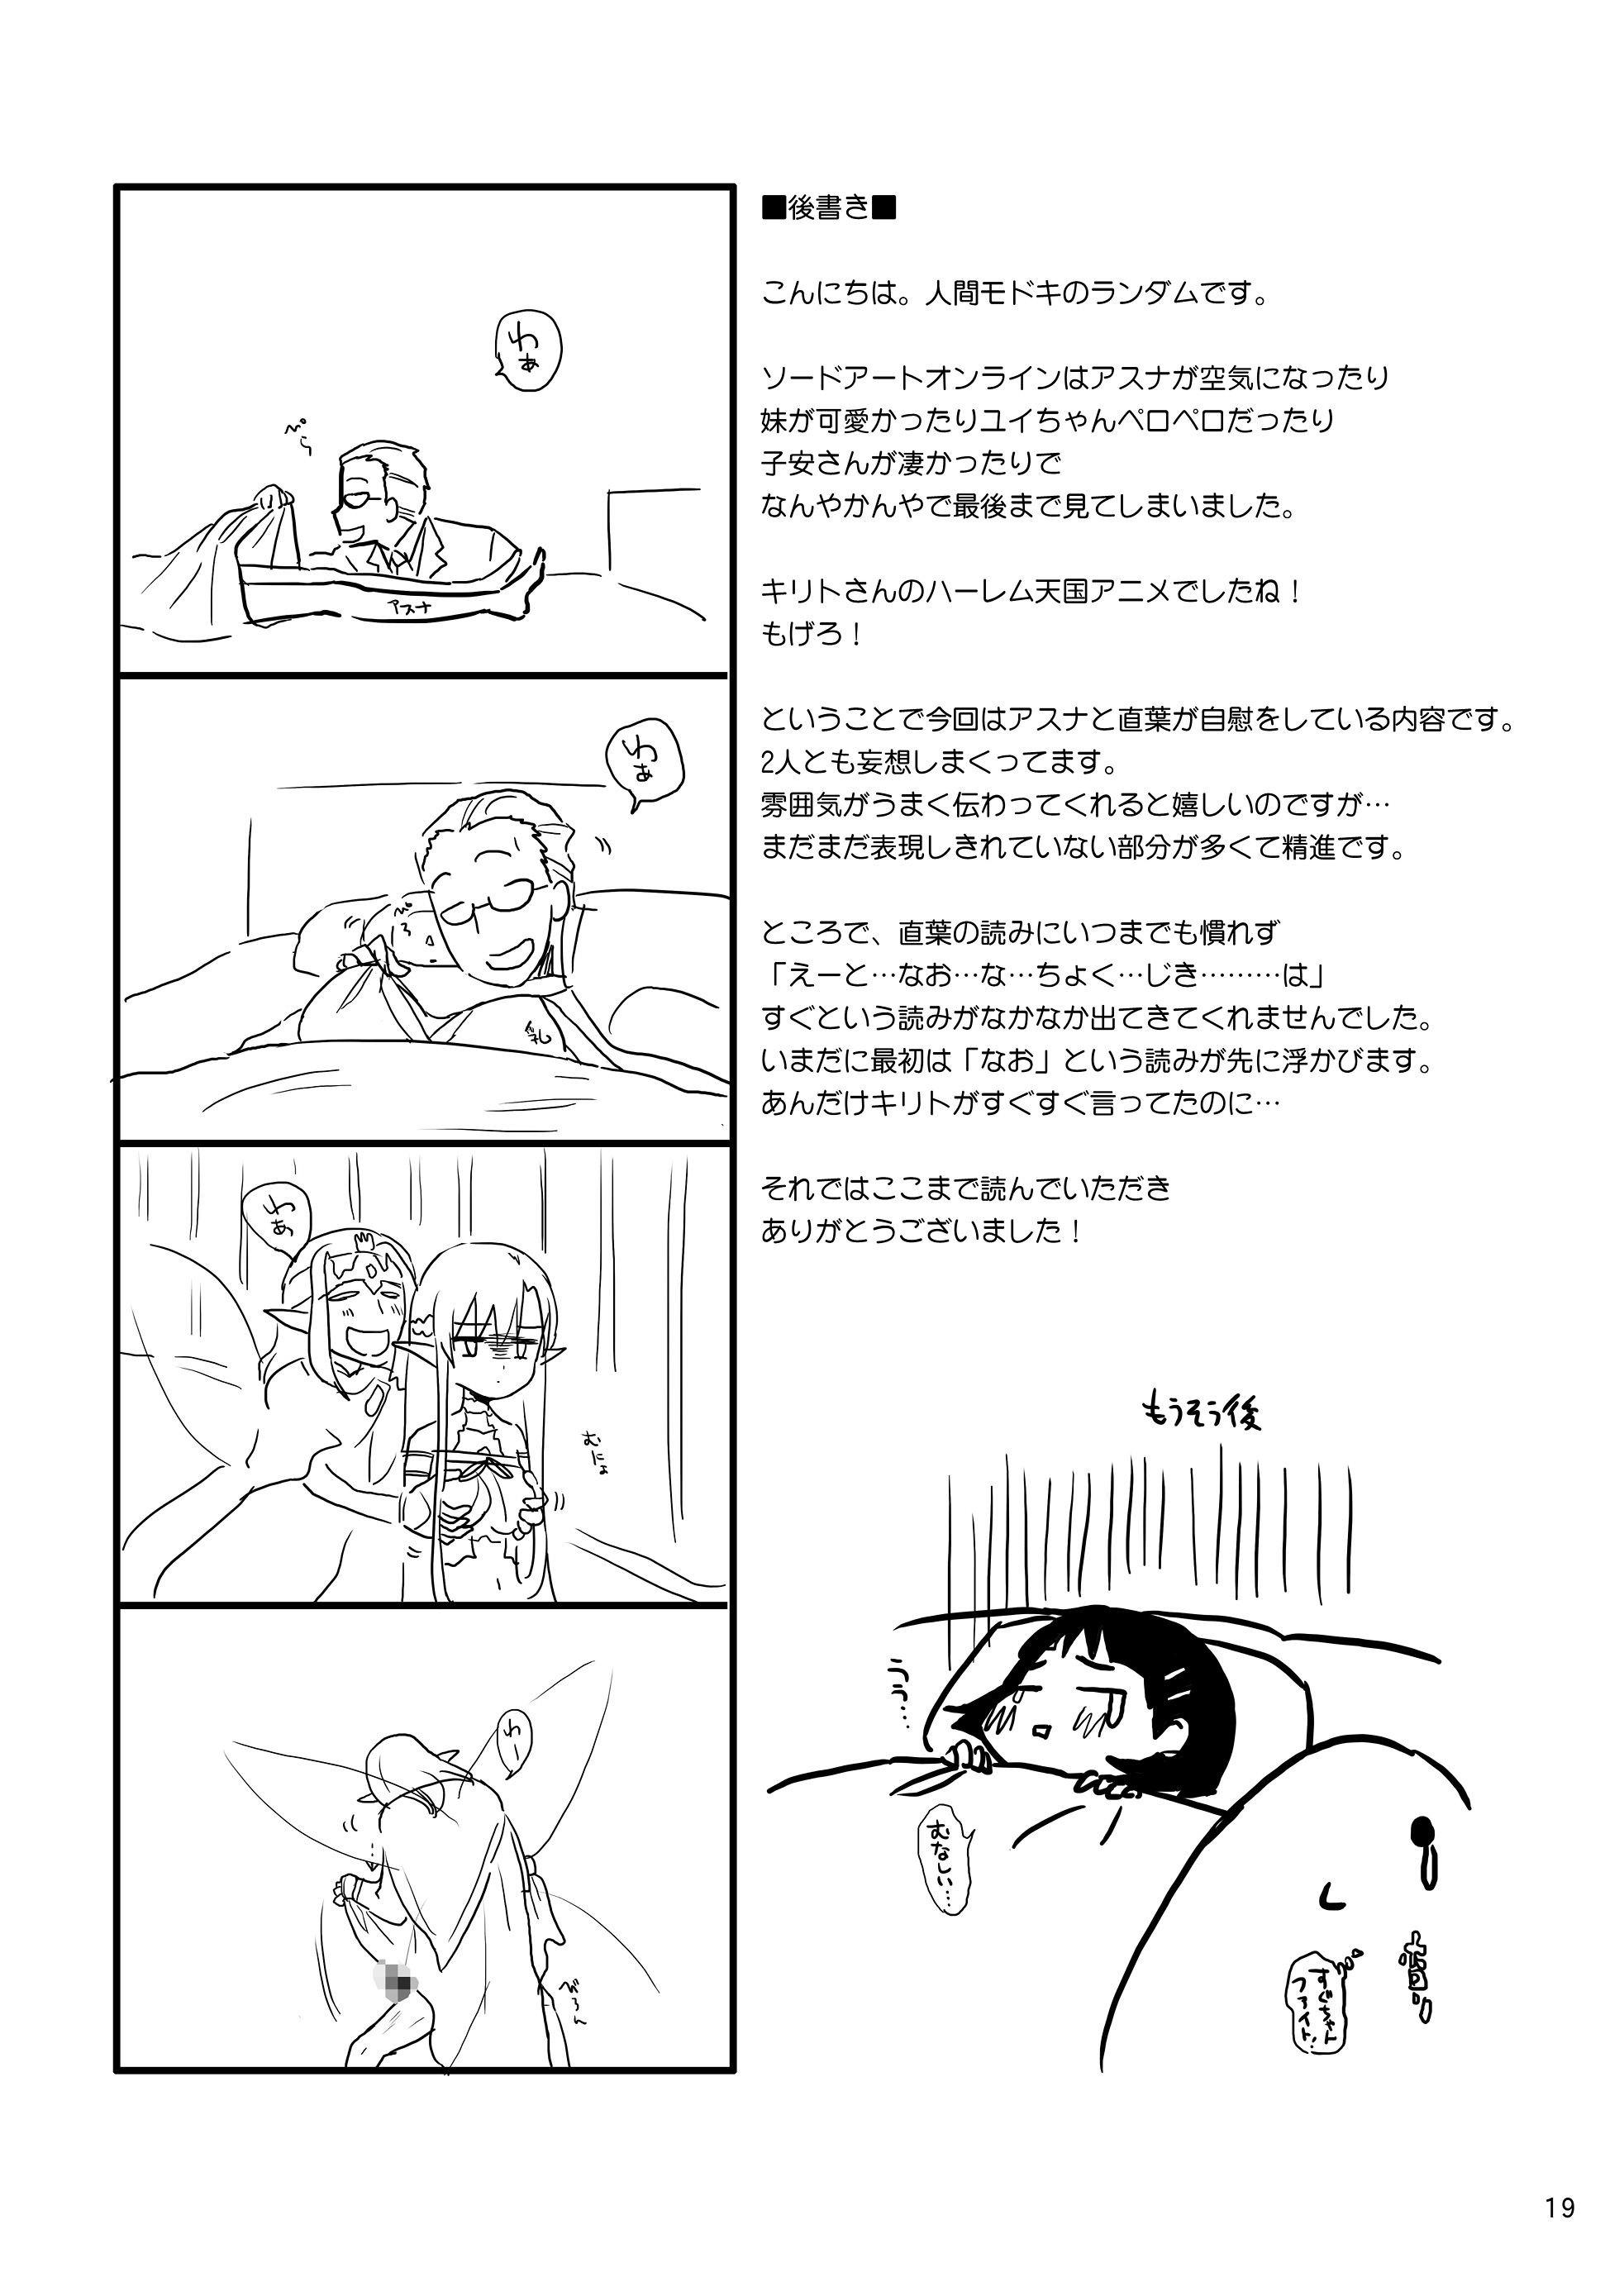 【SAO エロ同人誌】アスナと直葉がキリトのチンポを想像しながらオマ〇コこすりまくって潮吹きアクメしちゃってるおwww【アスナ&桐ケ谷直葉】